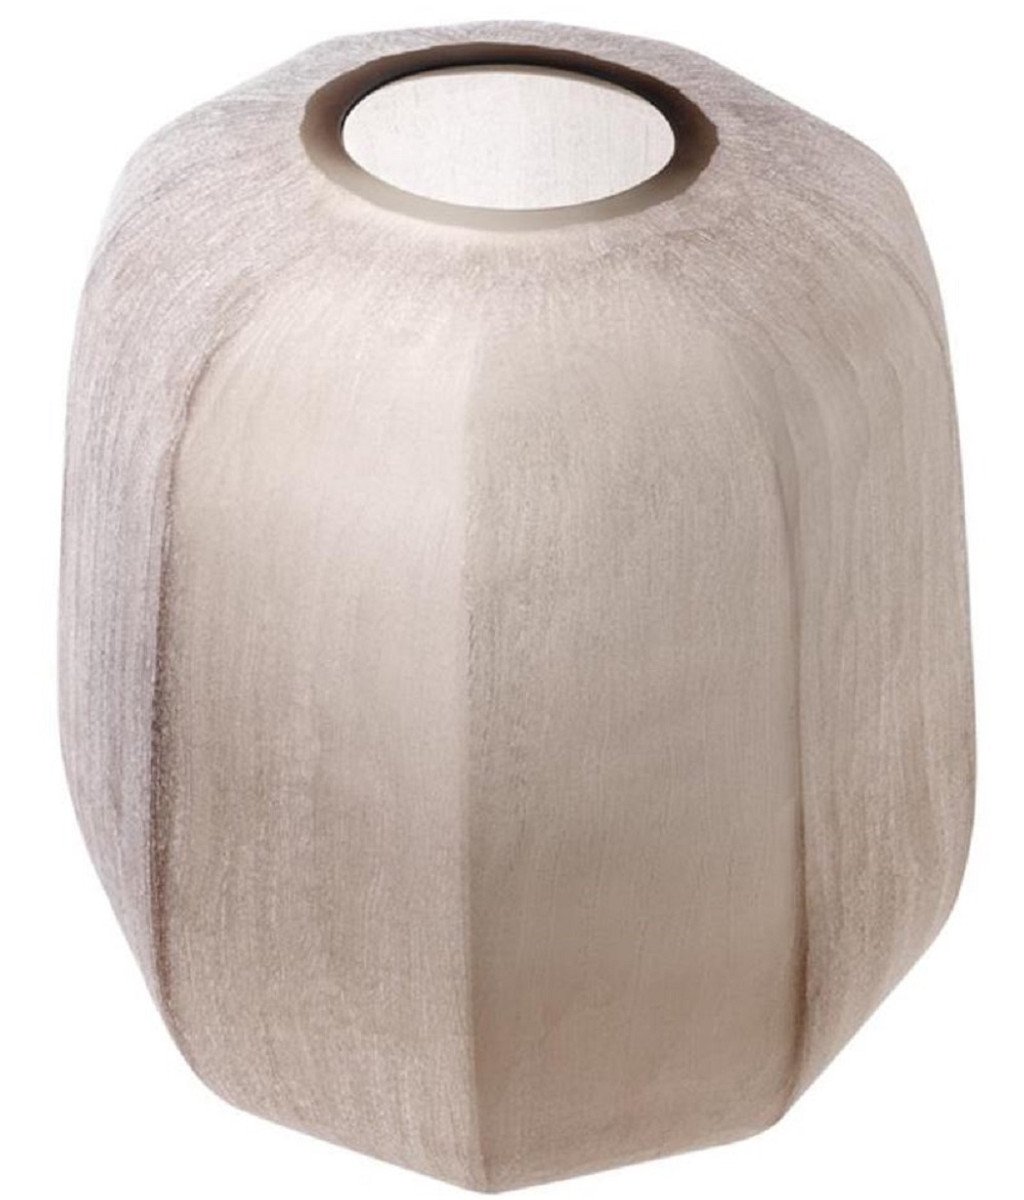 Casa Padrino Luxus Vase Sandfarben Ø 33 x H. 32 cm - Luxus Wohnzimmer Dekoration 2